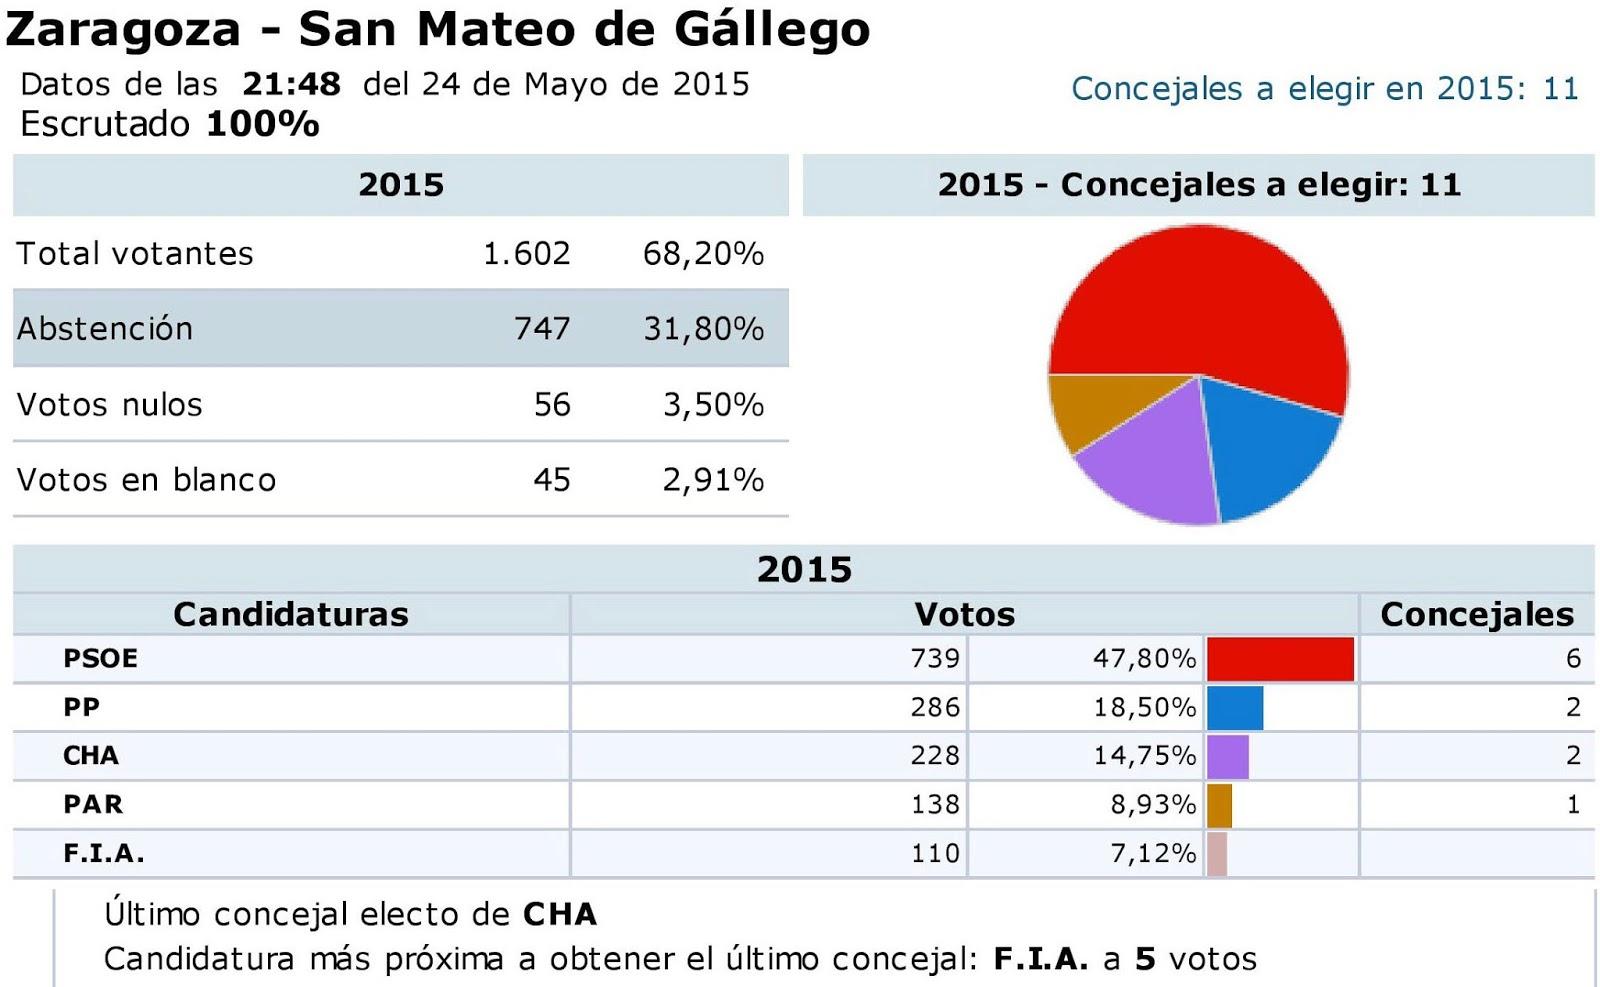 El blog de san mateo de g llego nueva legislatura y nuevo - El tiempo en san mateo de gallego ...